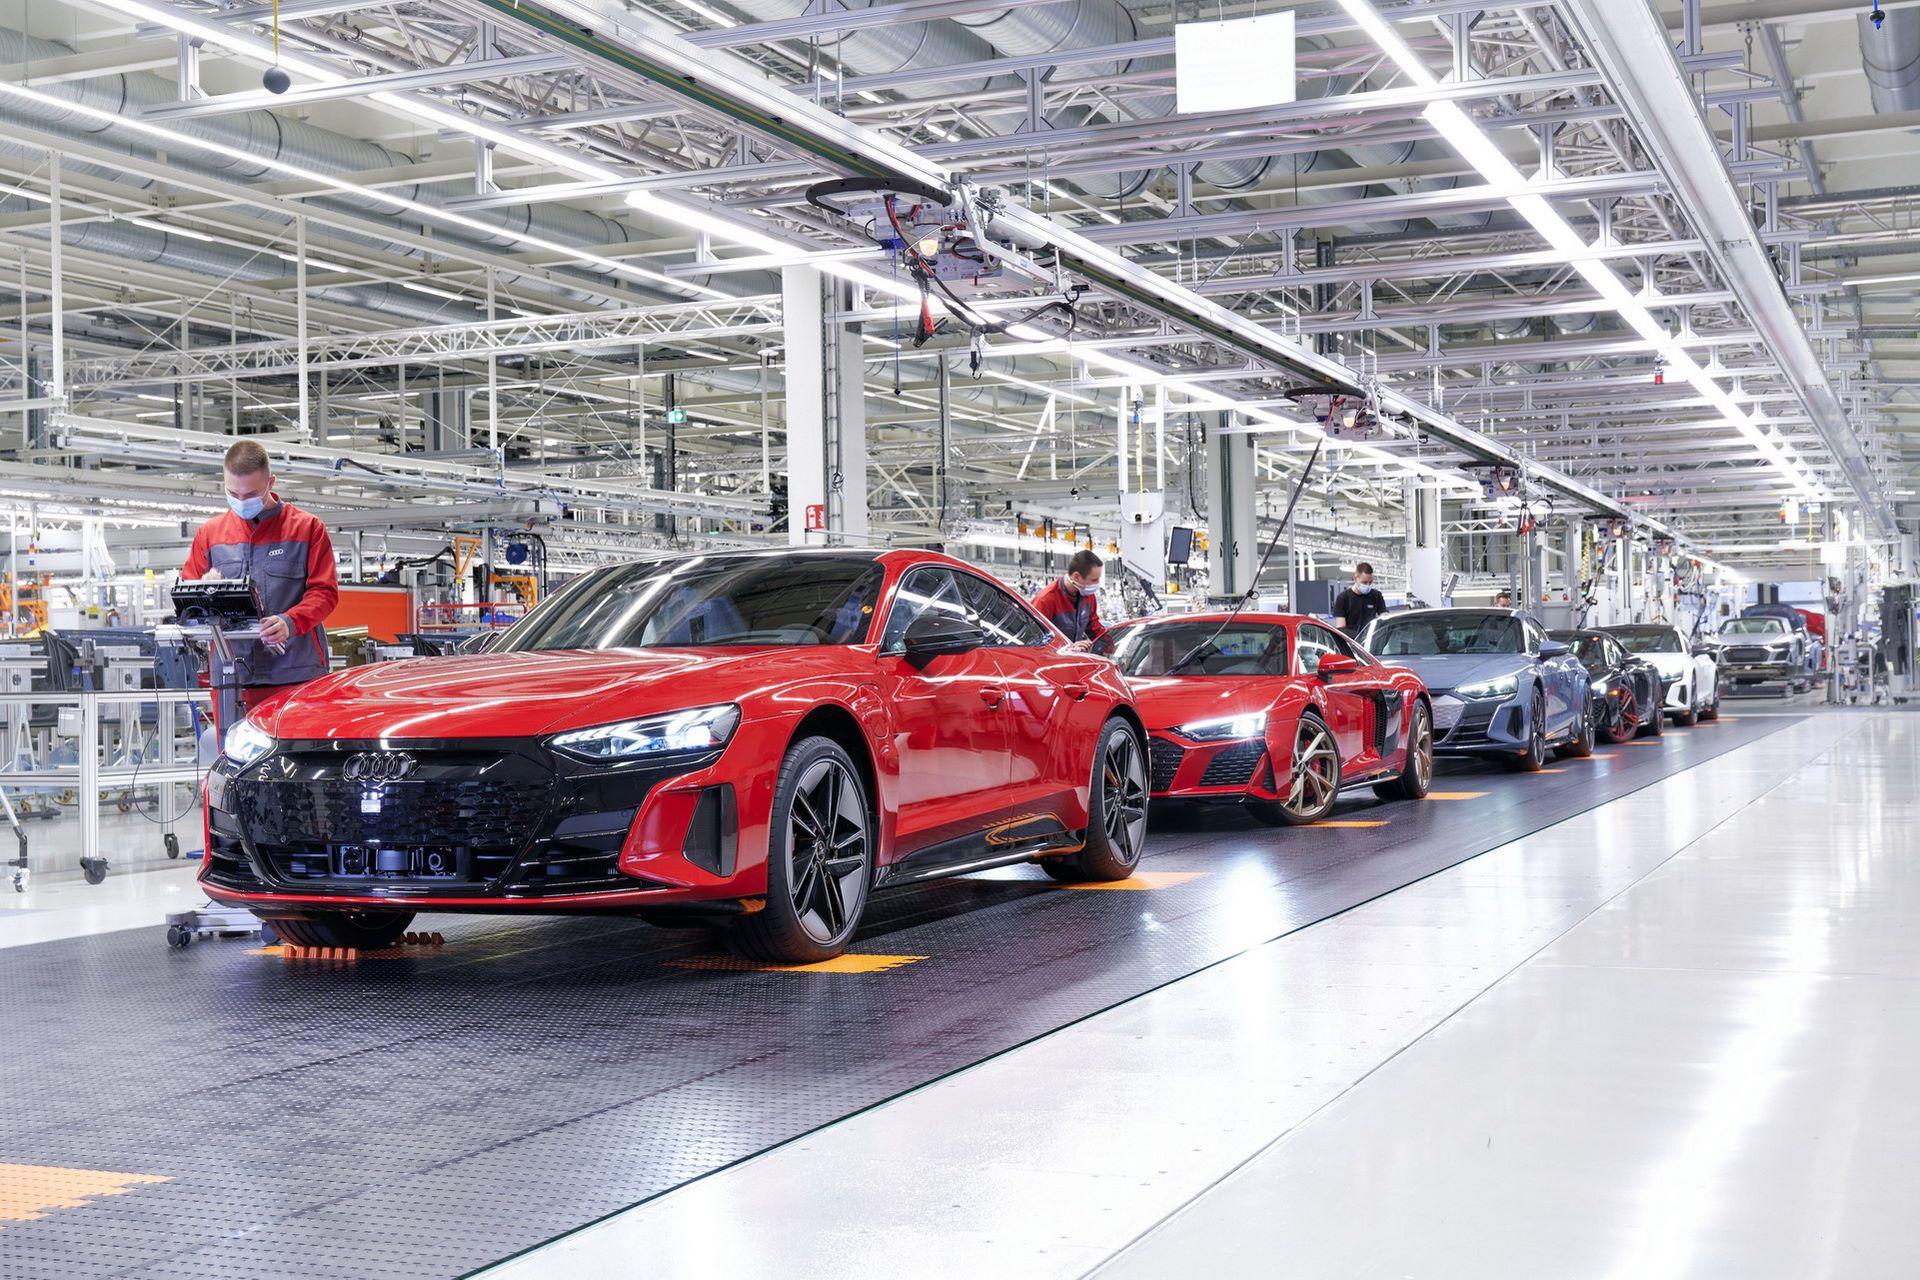 2022-Audi-e-tron-GT-plant-8